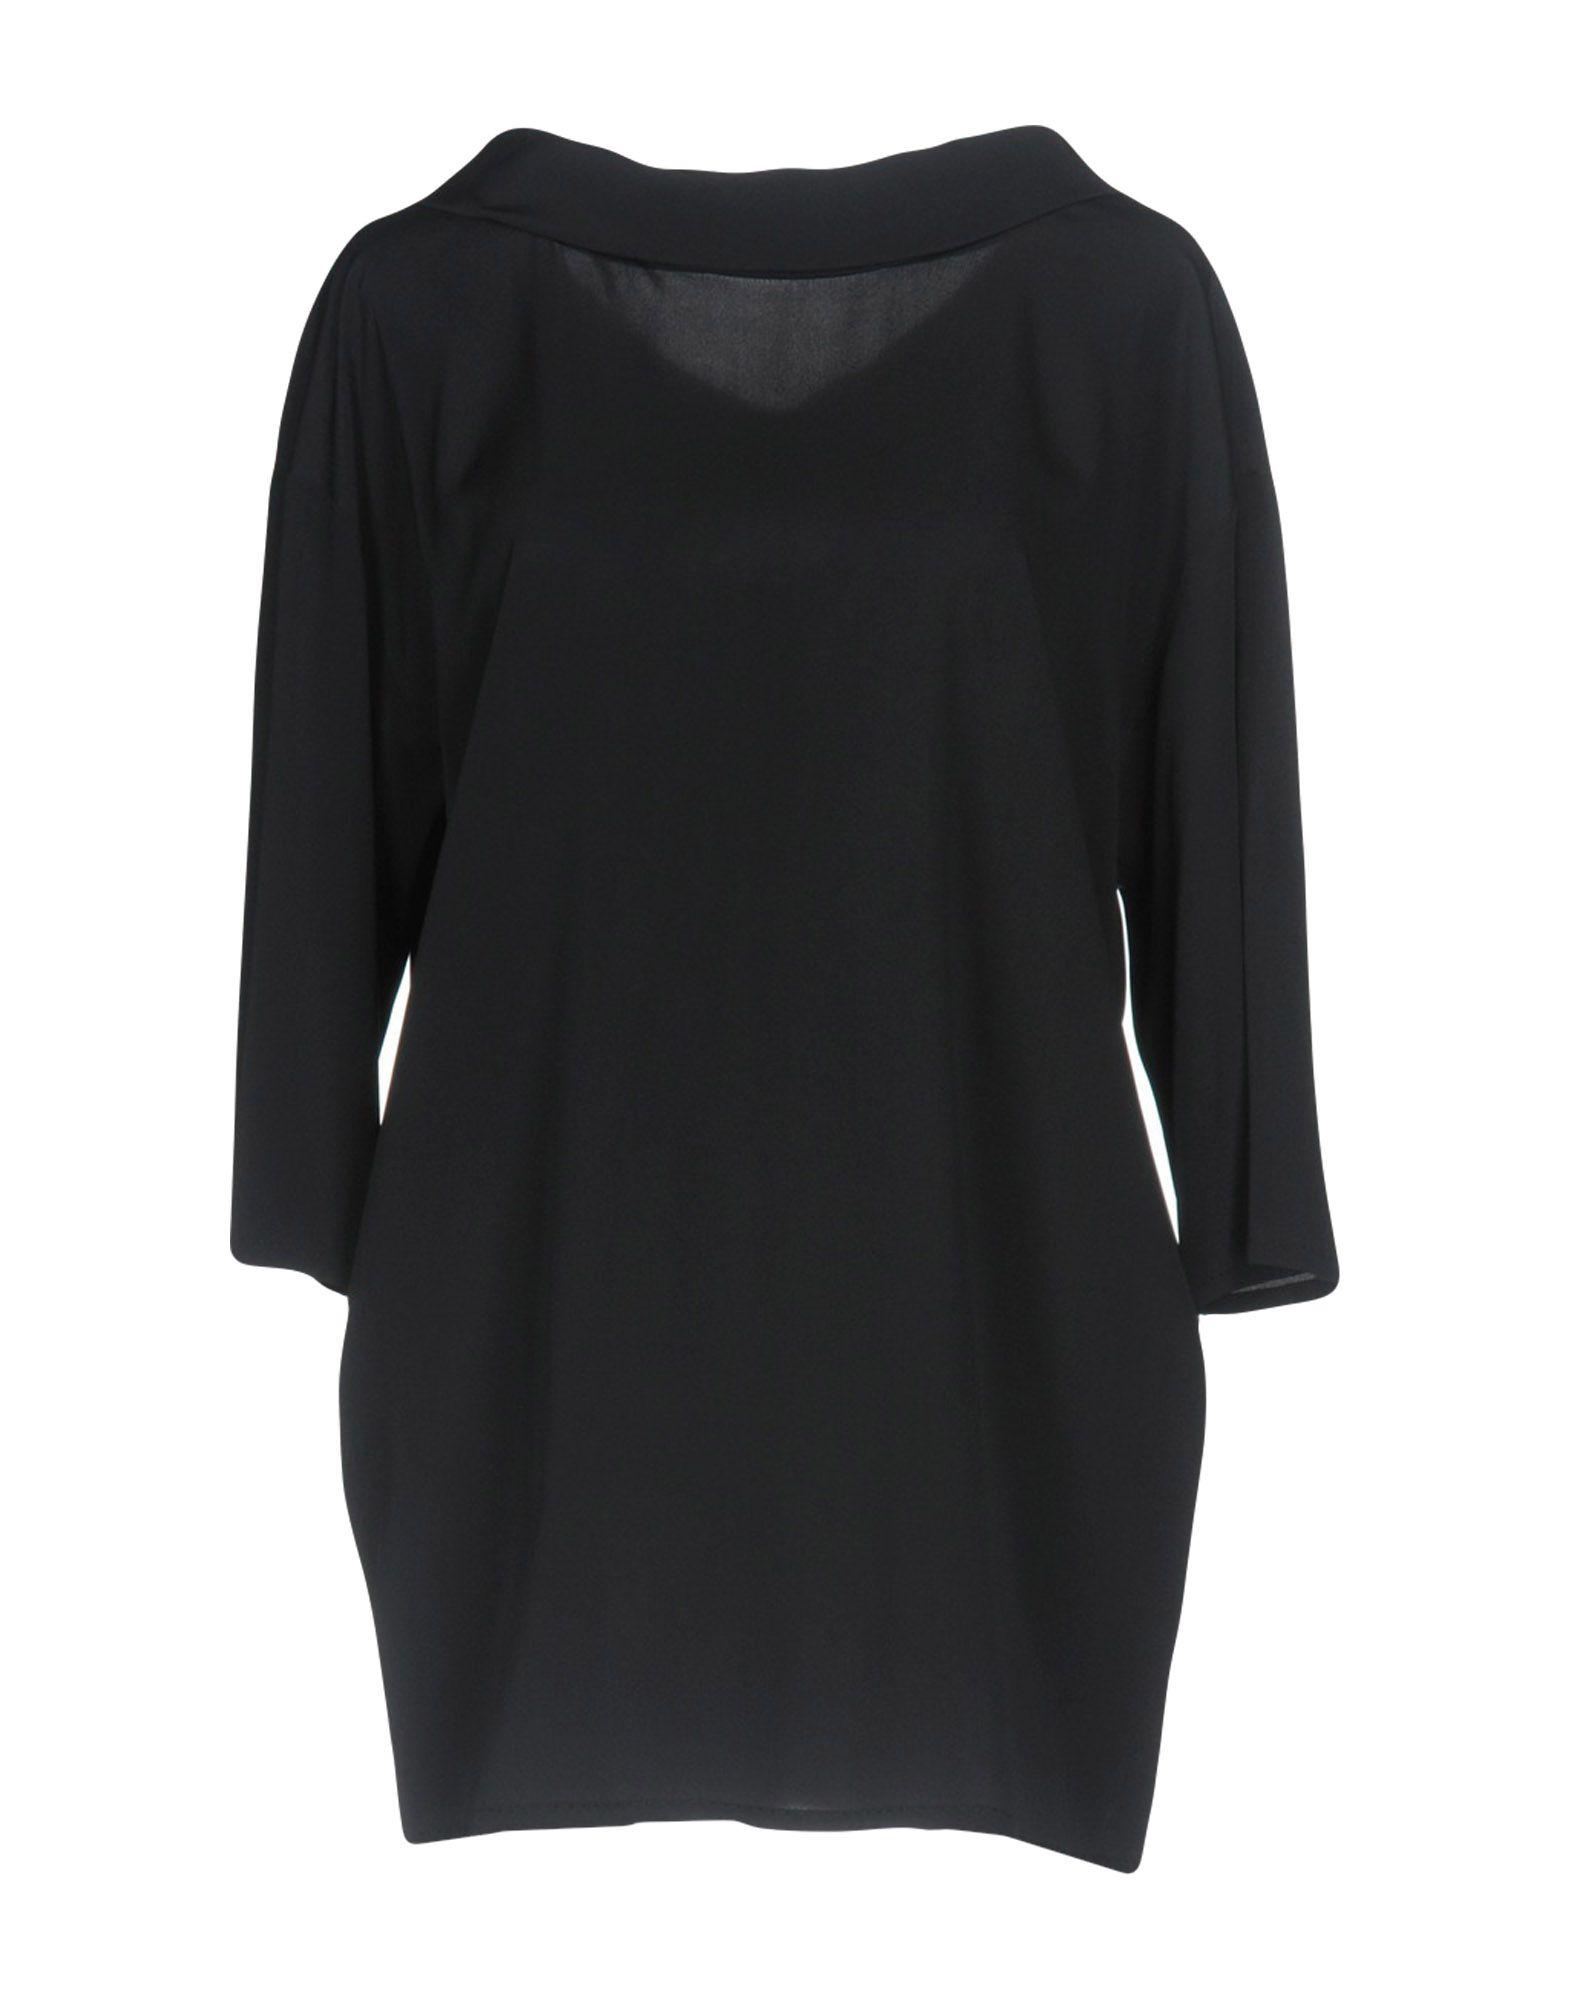 где купить LES COPAINS Блузка по лучшей цене